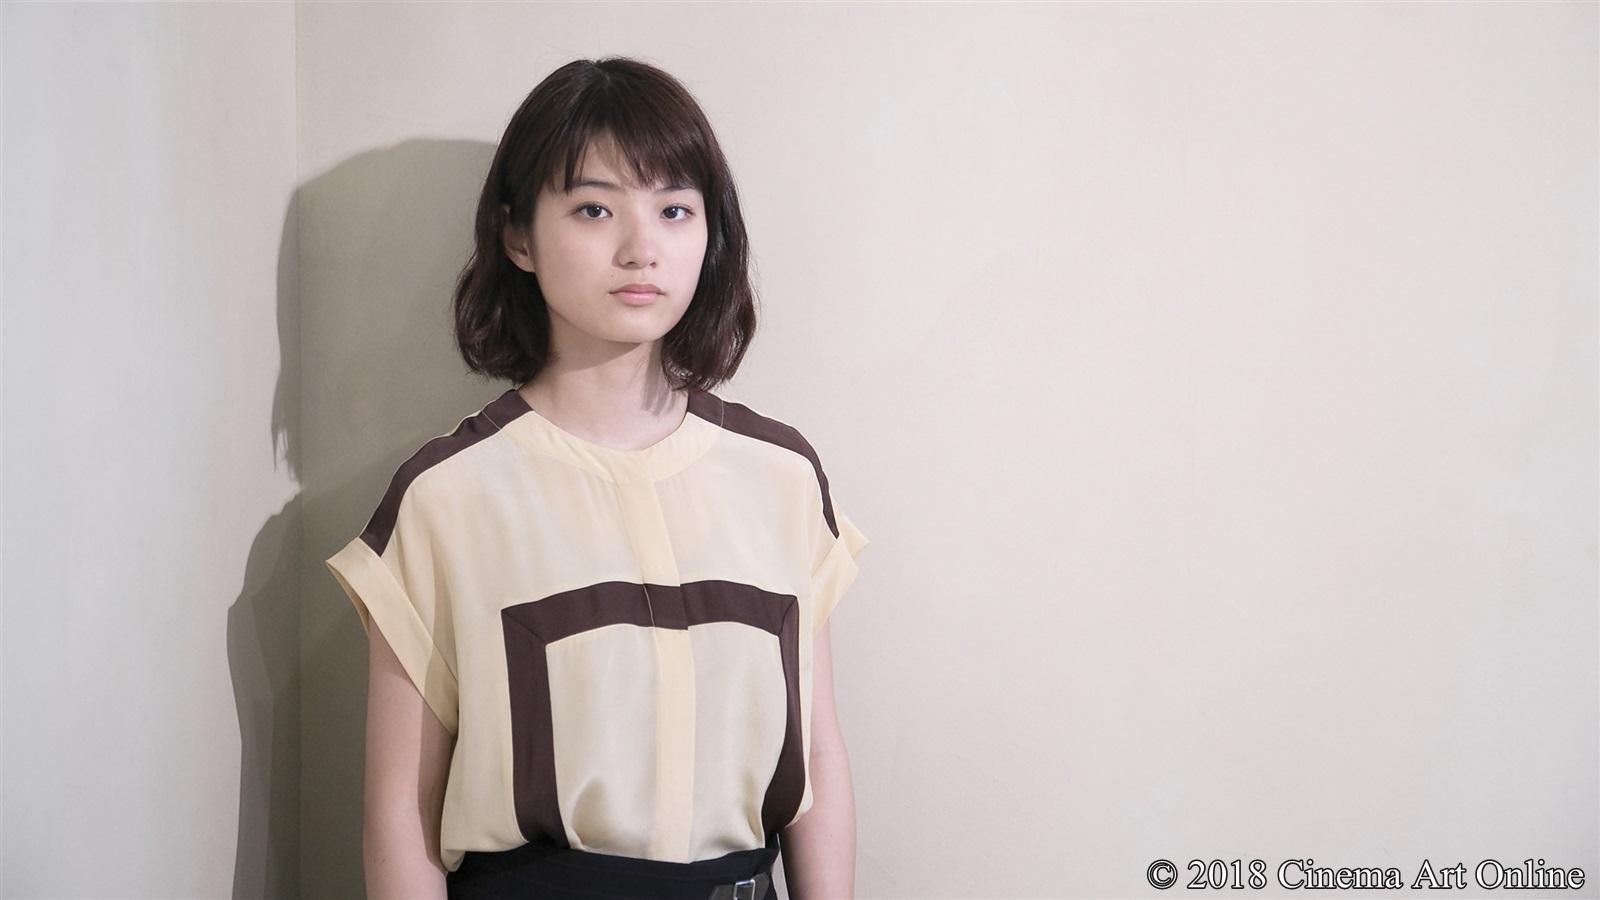 【画像】蒔田彩珠 (まきた あじゅ)